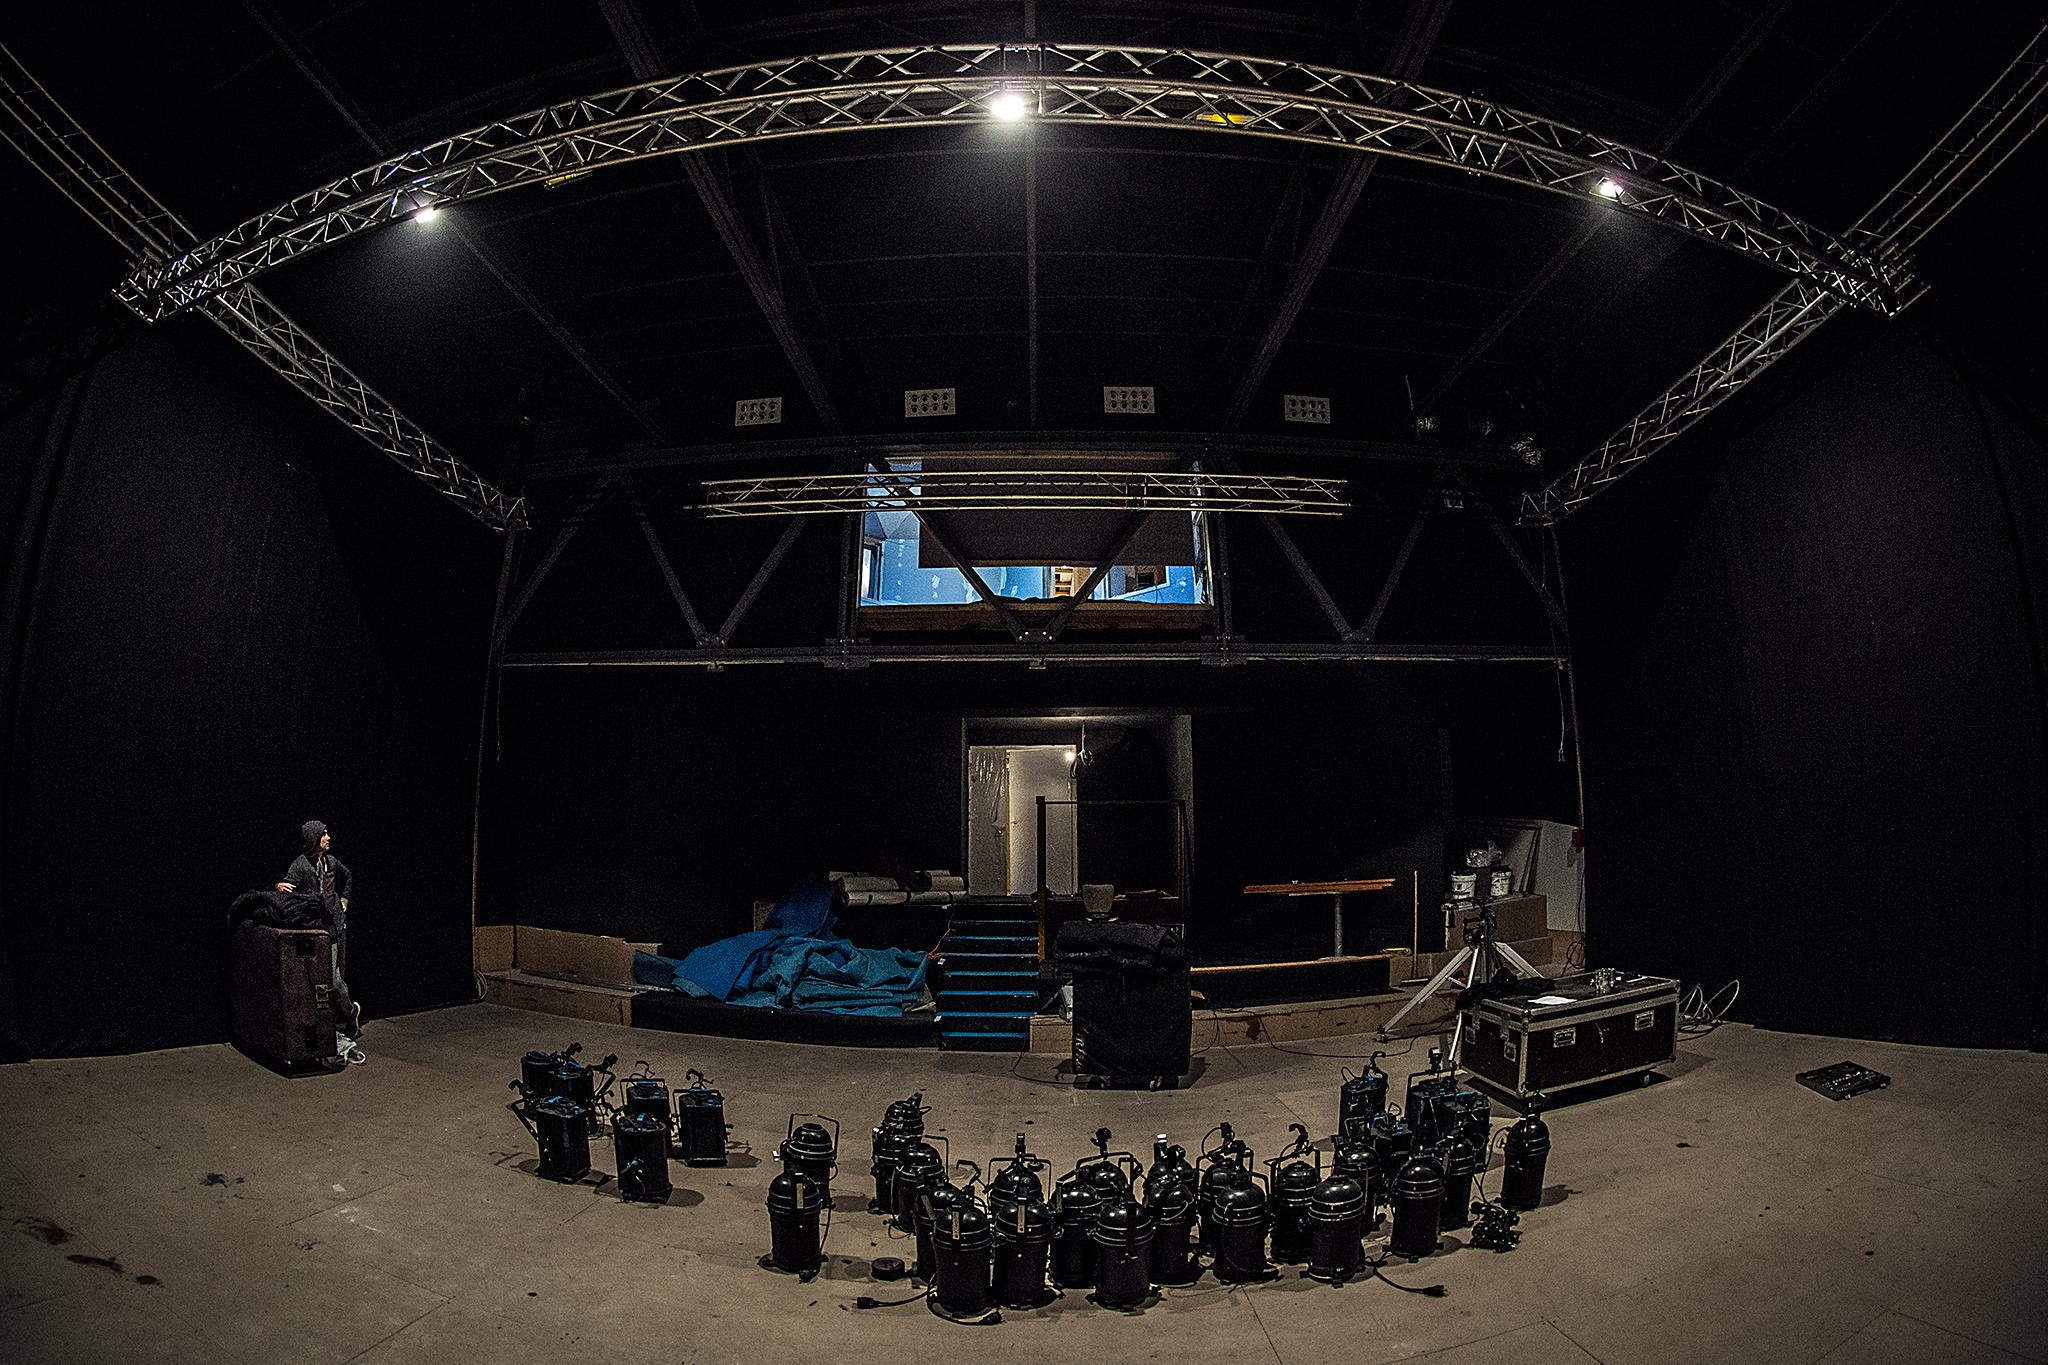 Une salle de spectacle avec des éléments techniques